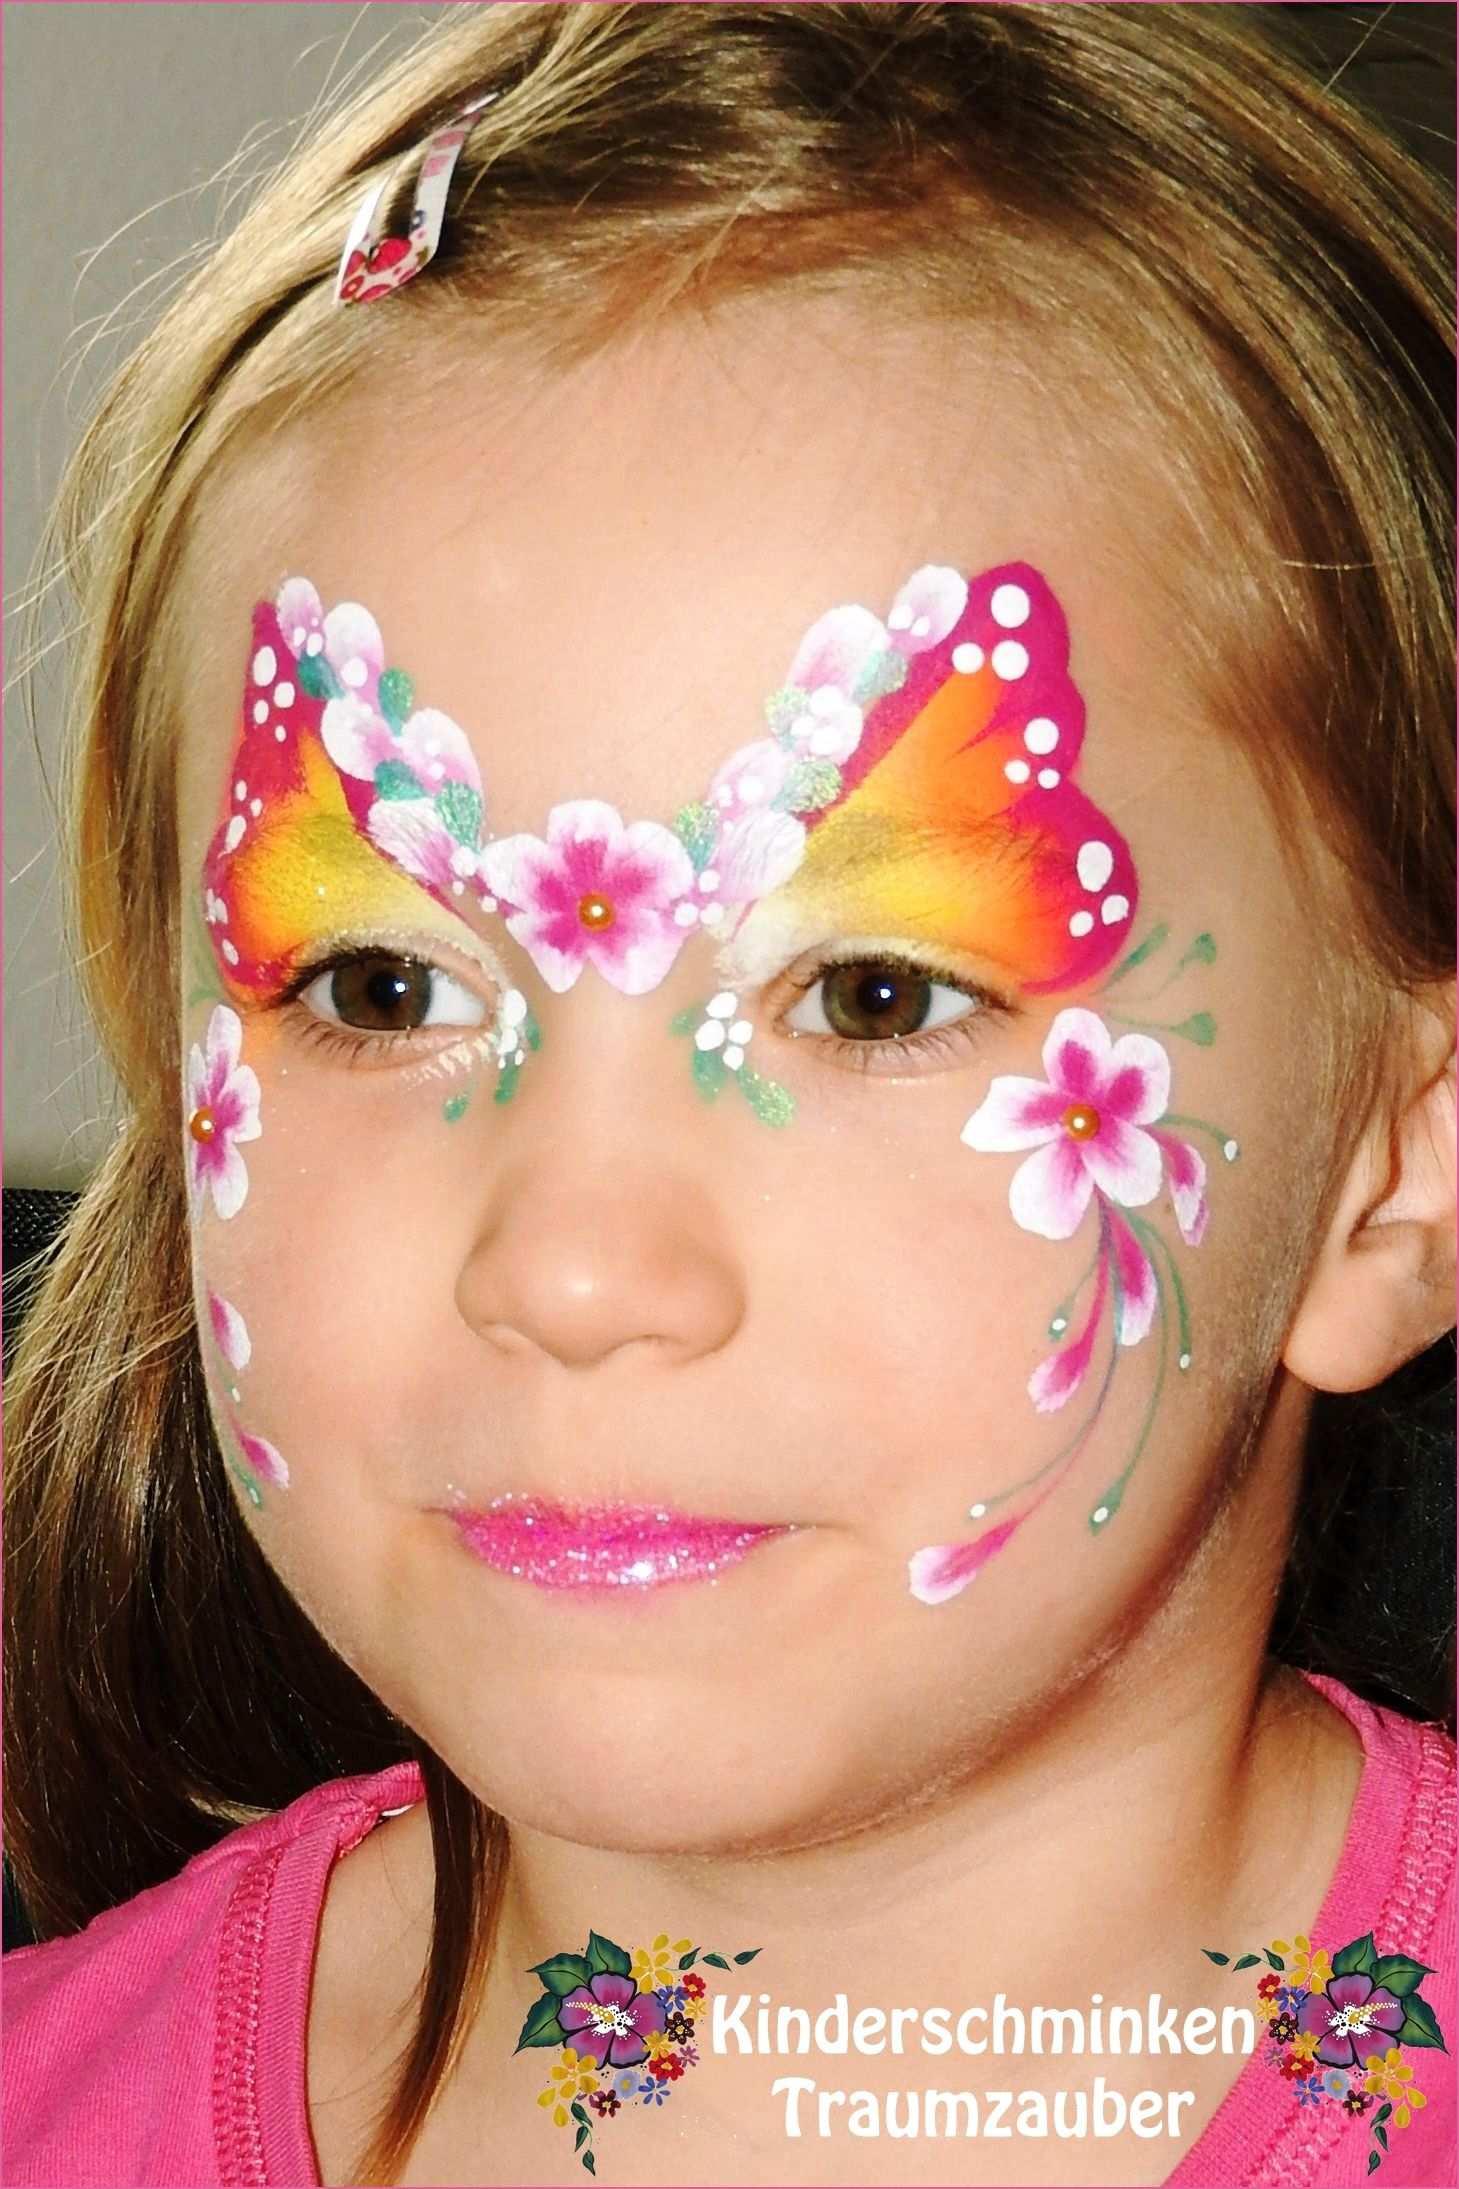 20 Kinderschminken Halloween Vorlagen In 2020 Kinder Schminken